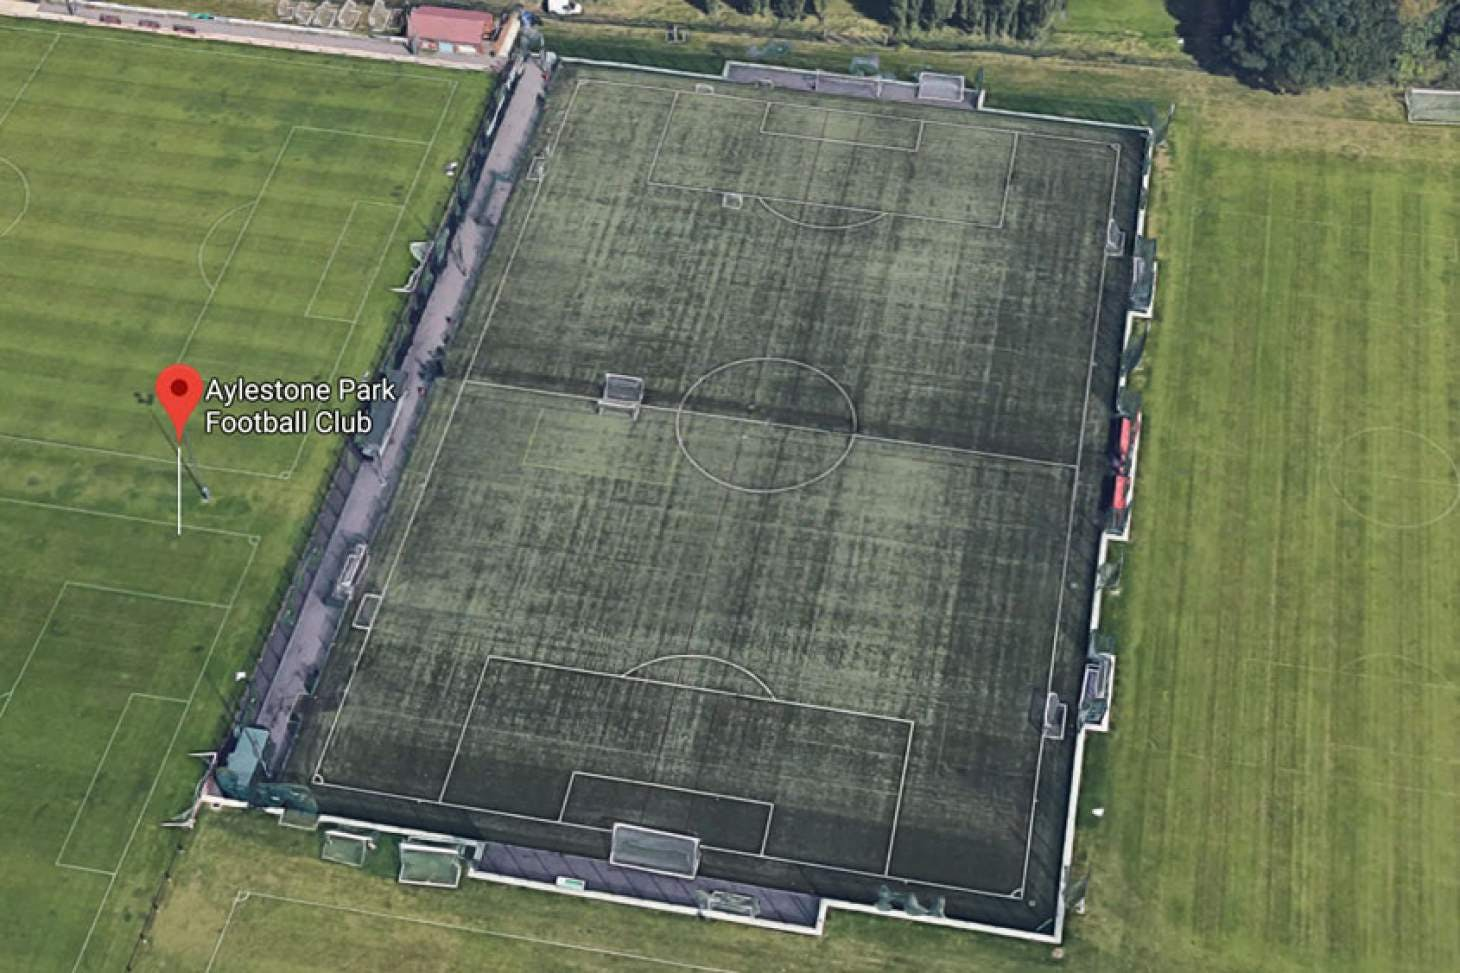 Aylestone Park Football Club